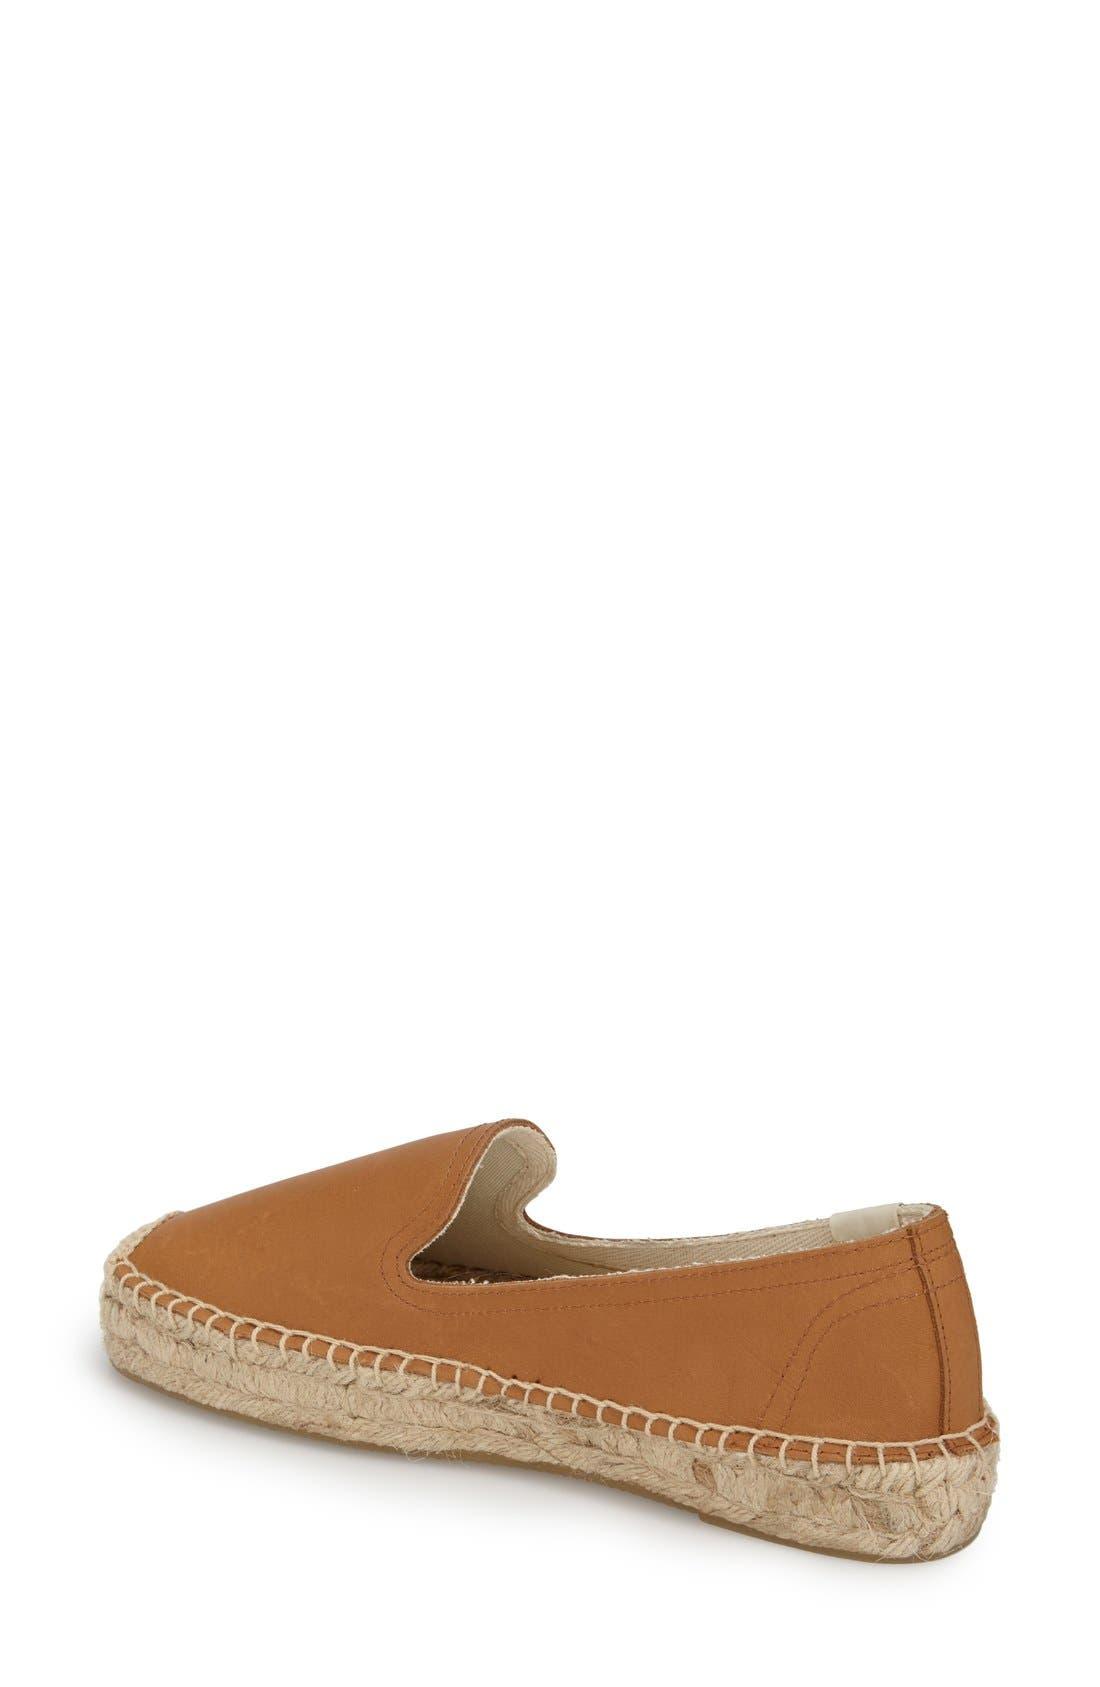 Alternate Image 4  - Soludos 'Smoking' Espadrille Platform Shoe (Women)